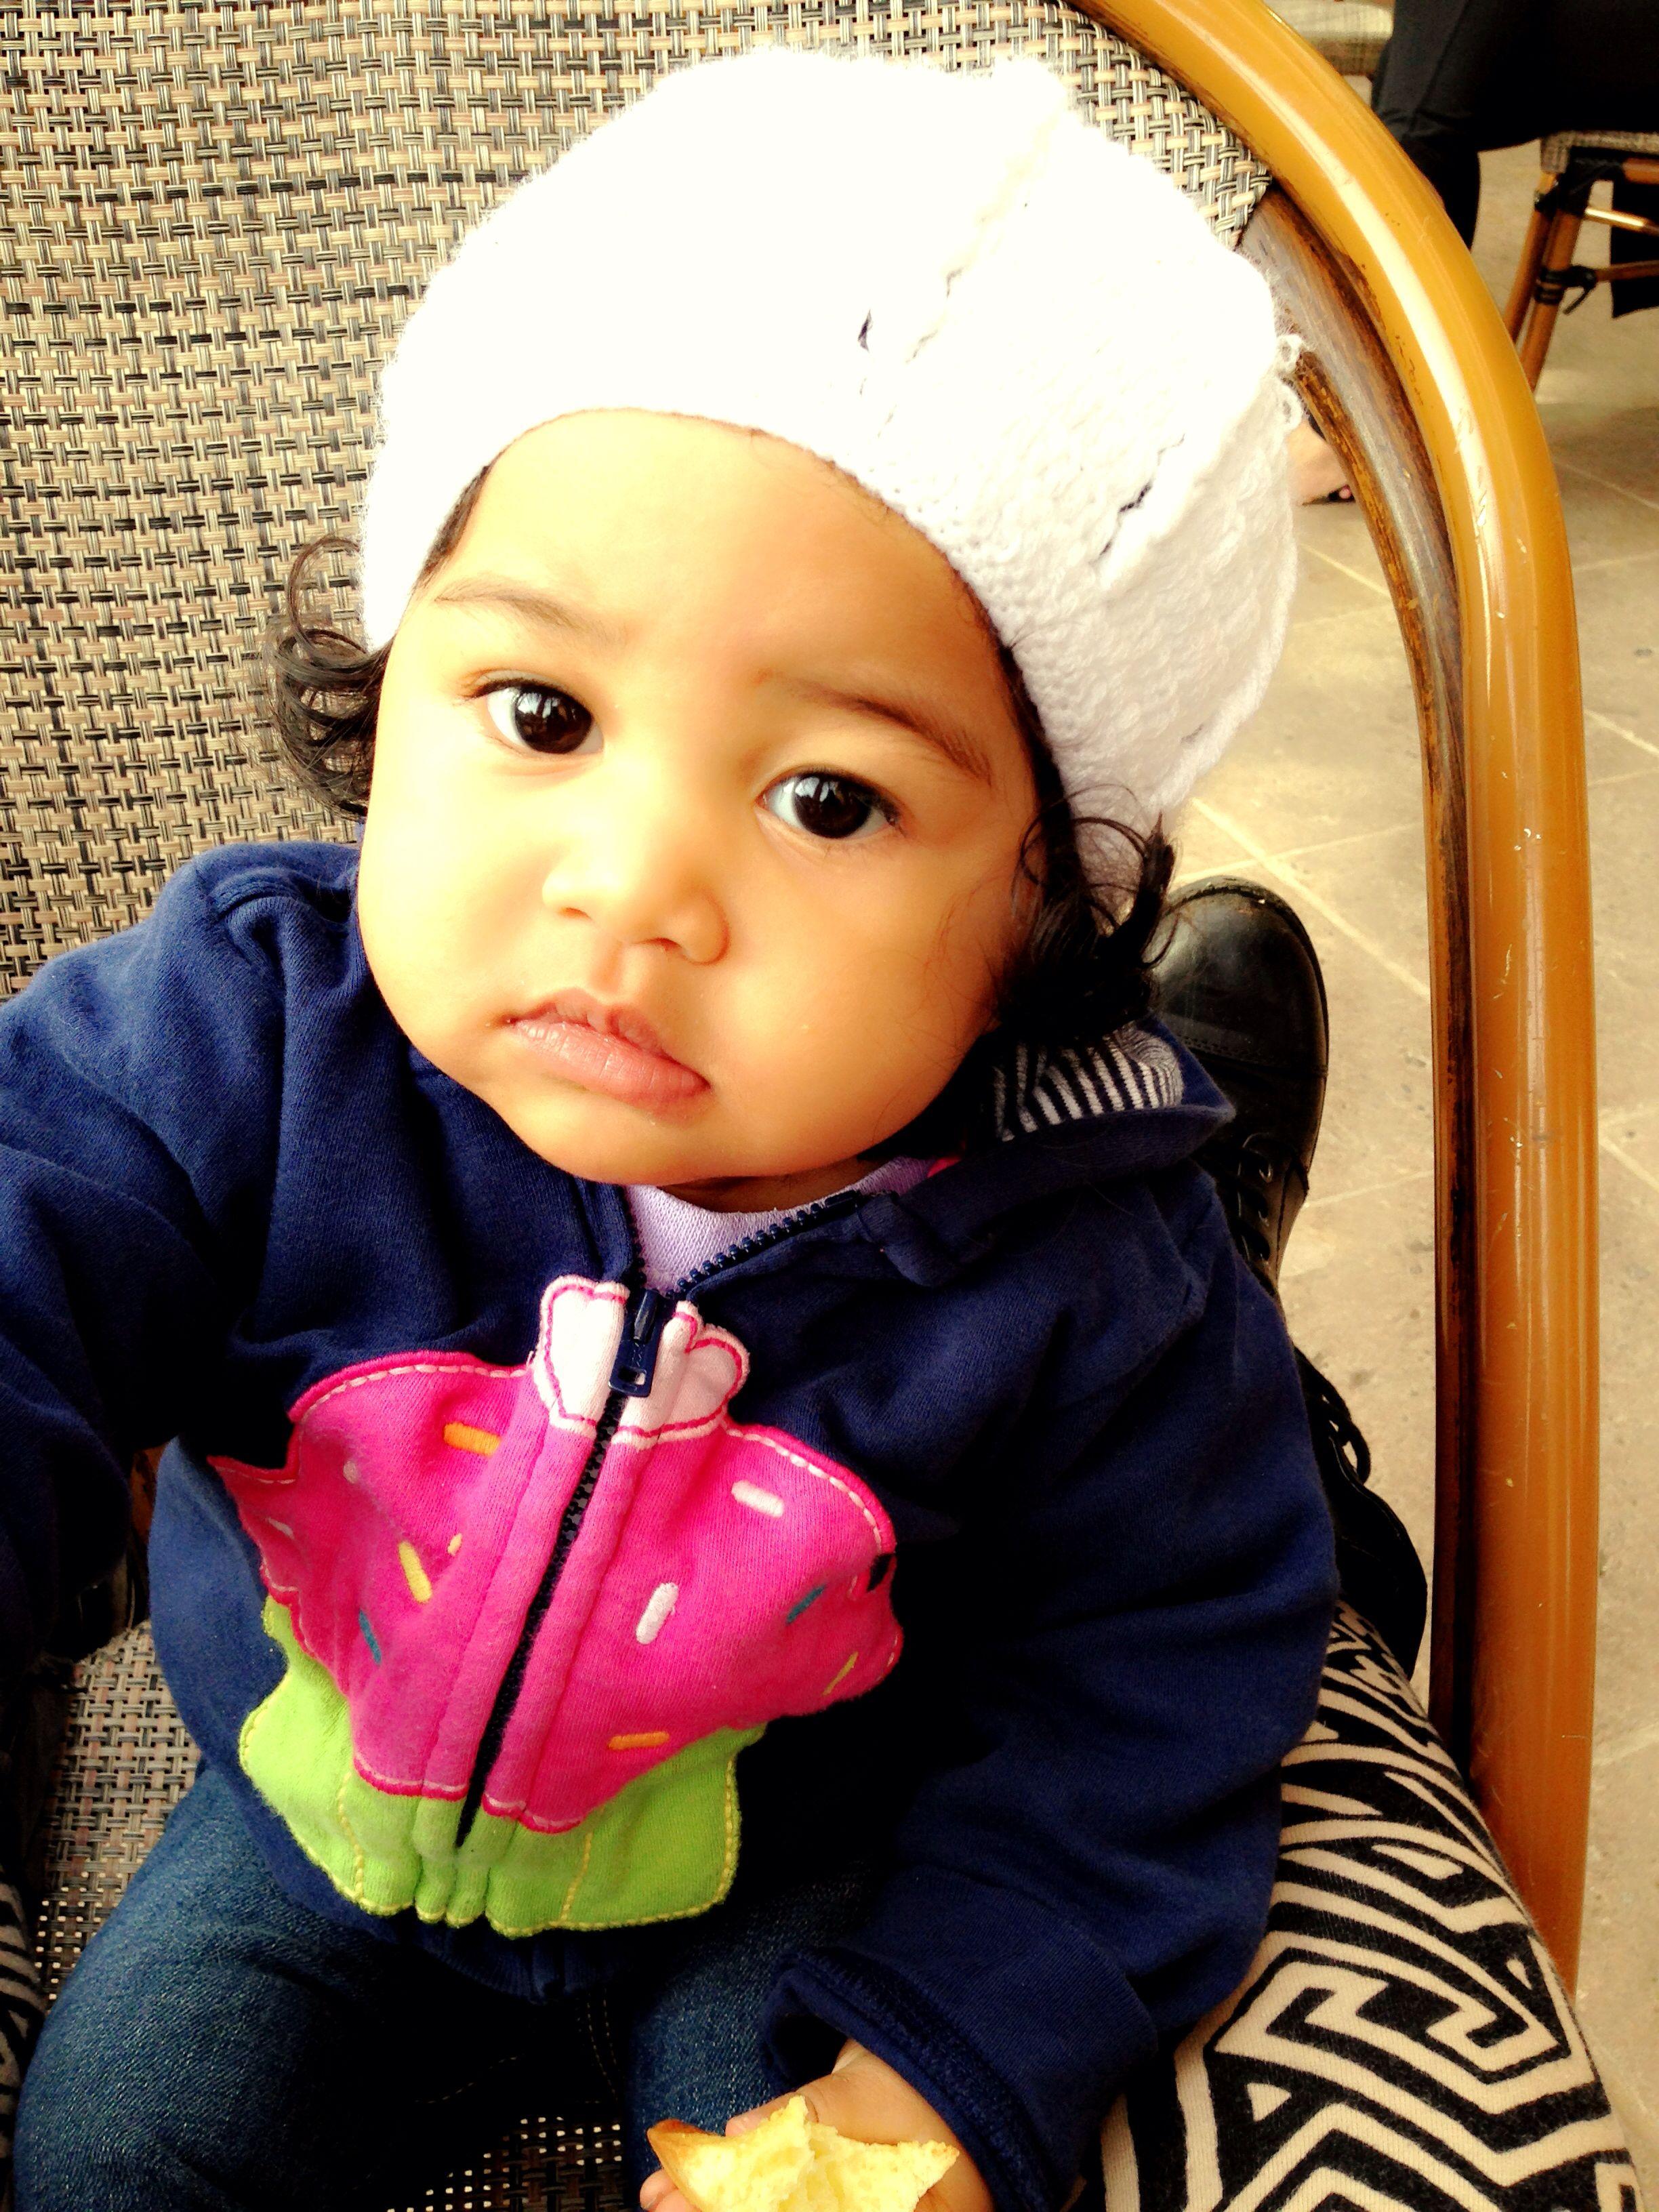 Mixed Baby Filipino Chinese Spanish Native American